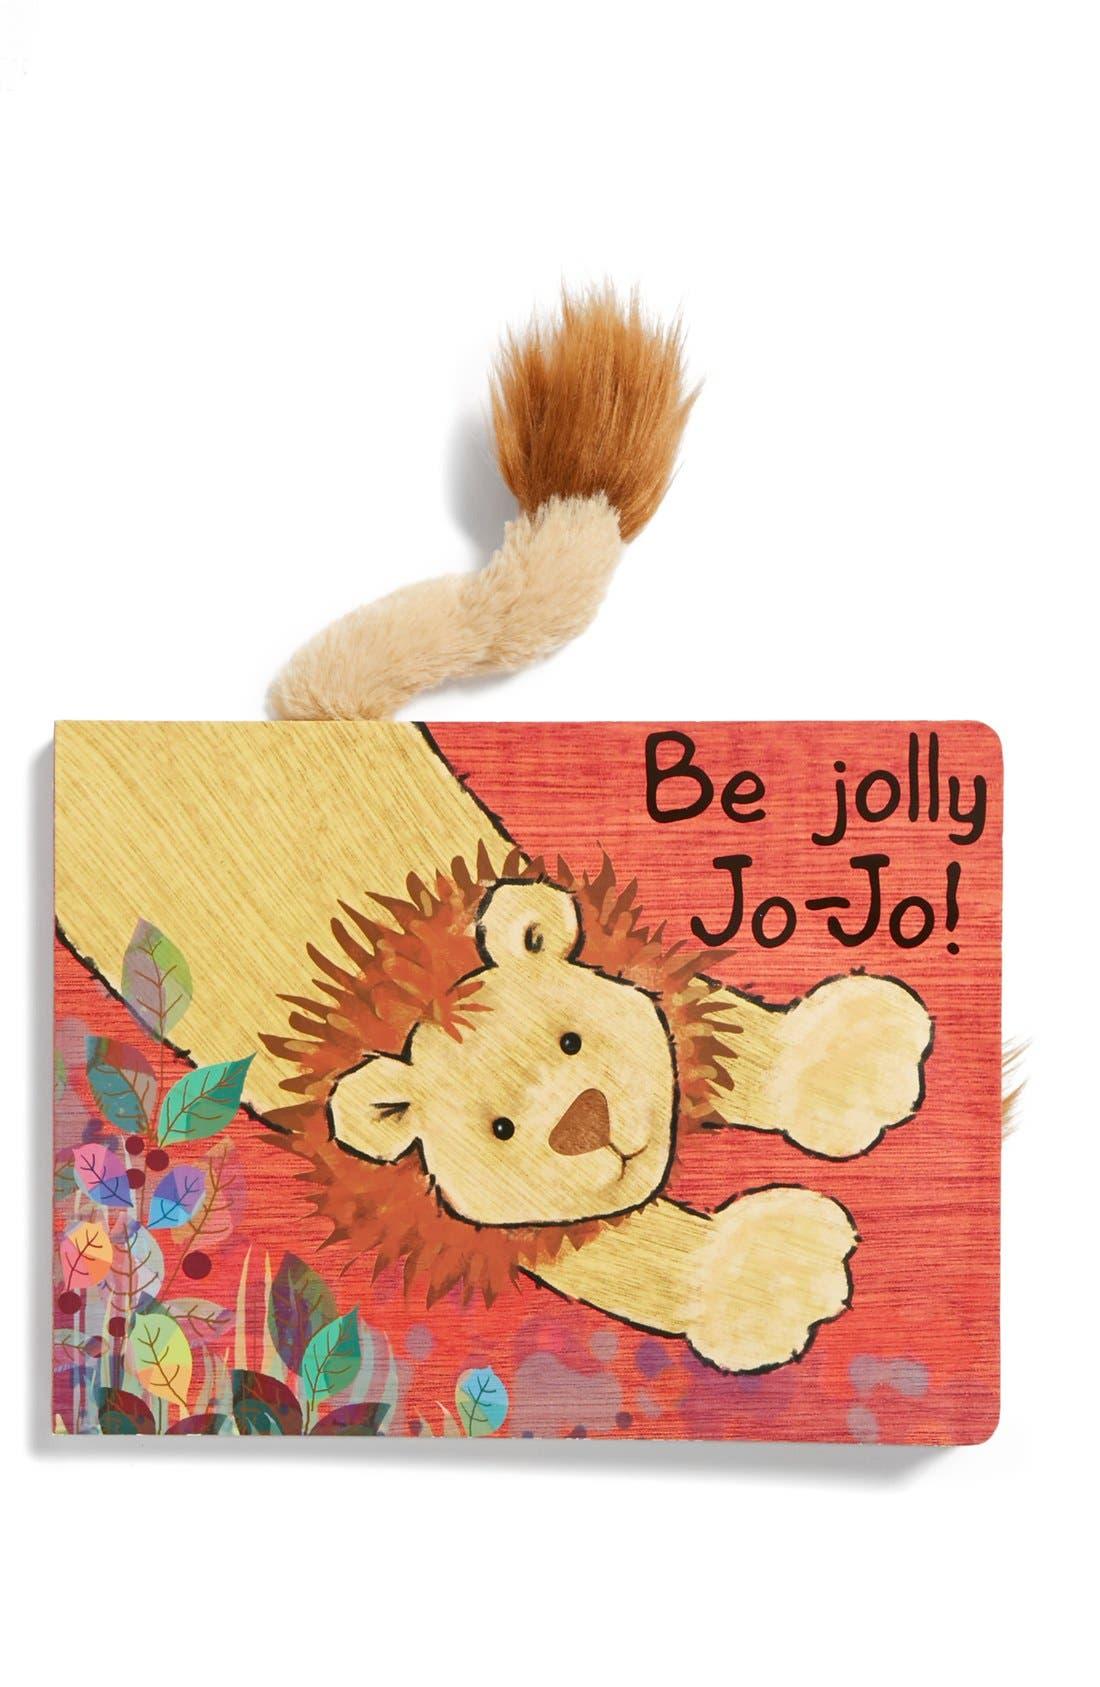 'Be Jolly Jo-Jo!' Book